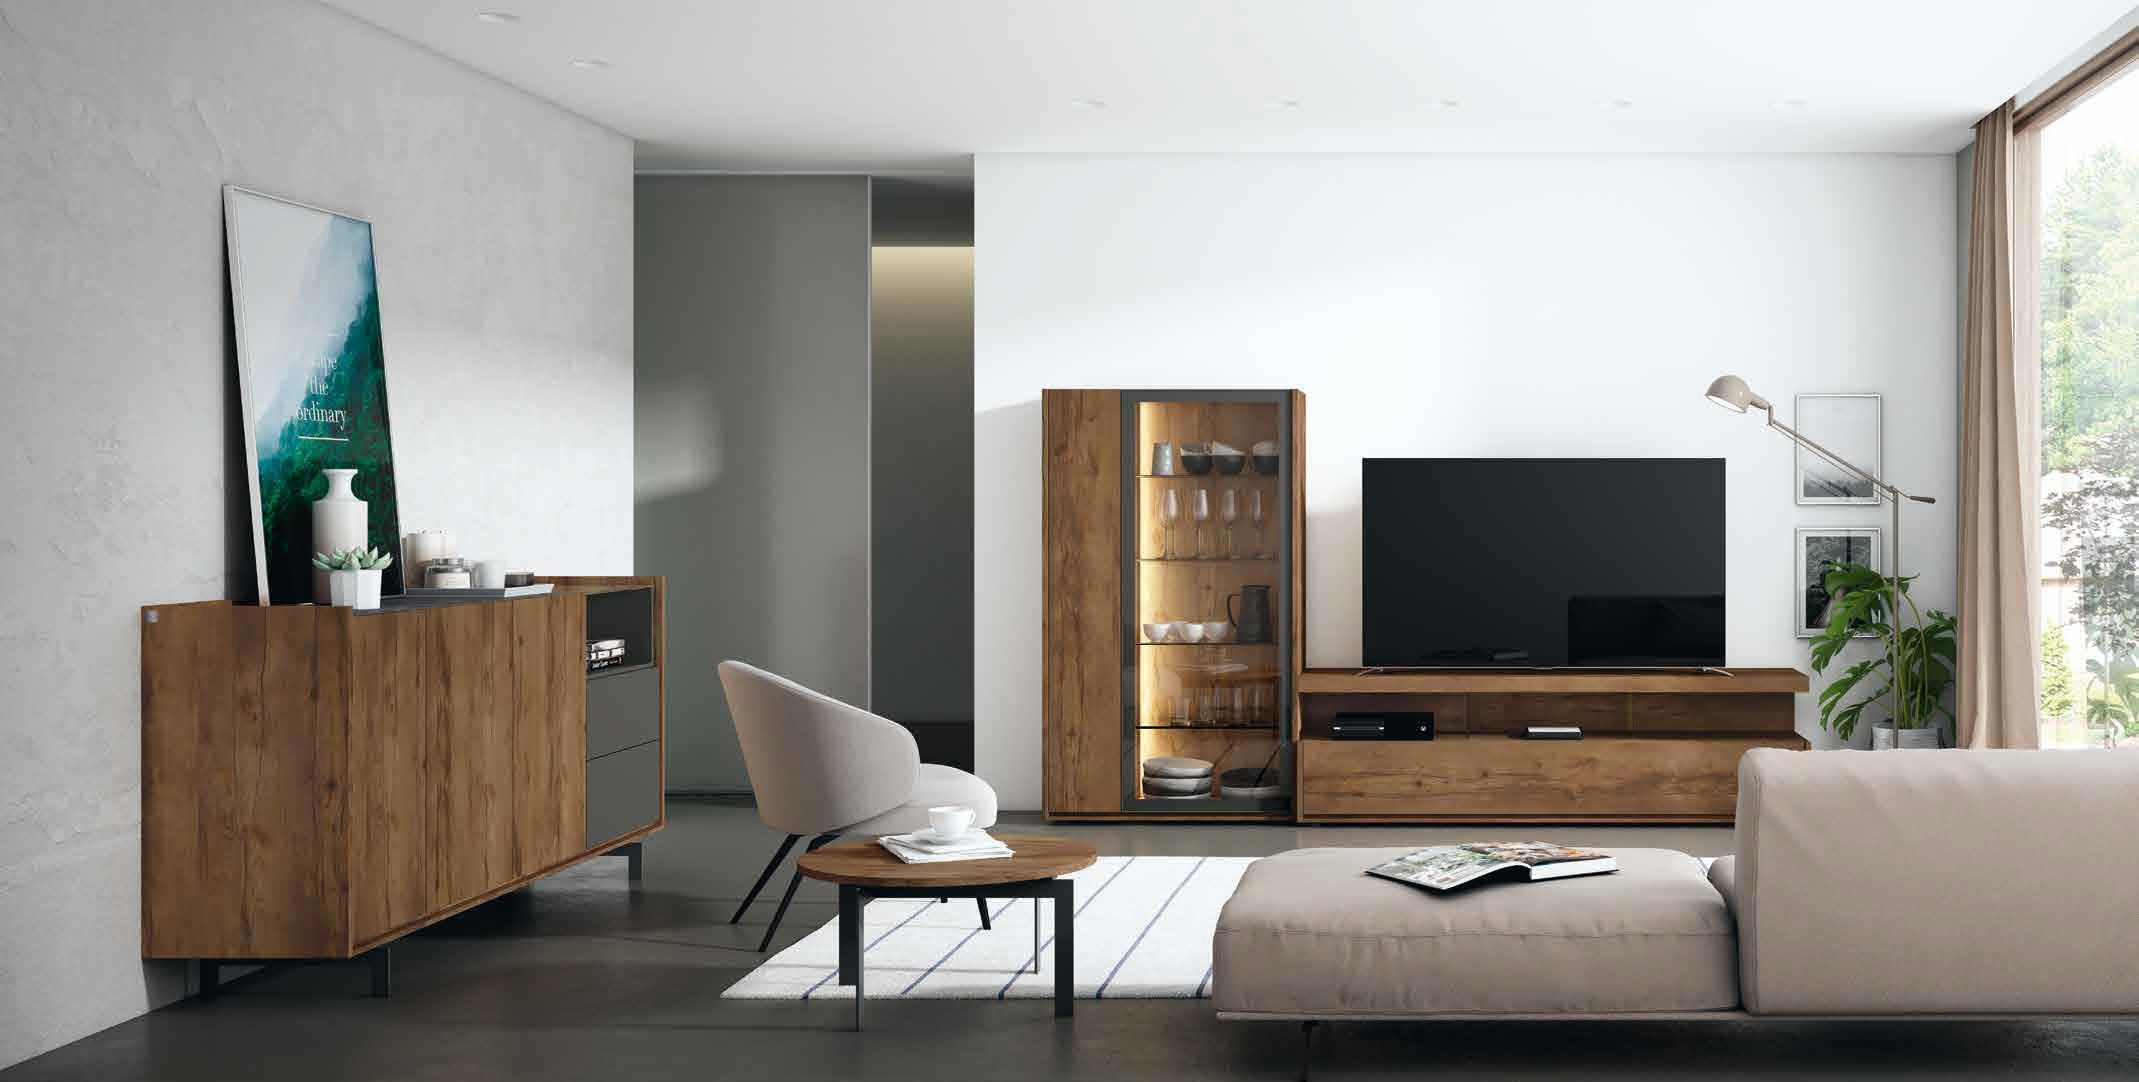 salon-moderno-Nativ-2019-muebles-paco-caballero-0920-5c8ceaa56e3a2